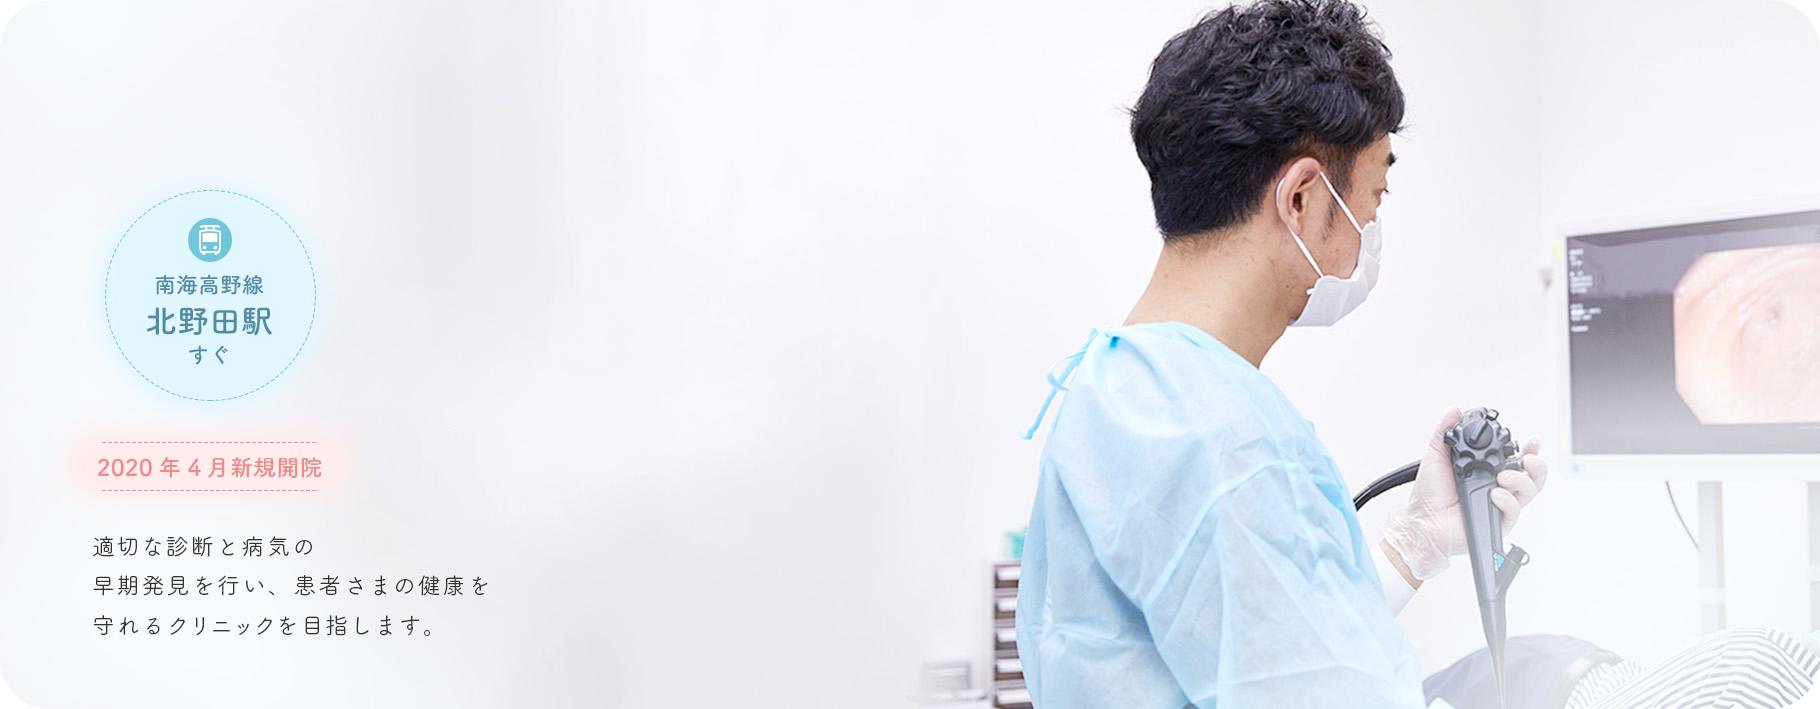 南海高野線北野田駅すぐ 適切な診断と病気の早期発見を行い、患者さまの健康を守れるクリニックを目指します。